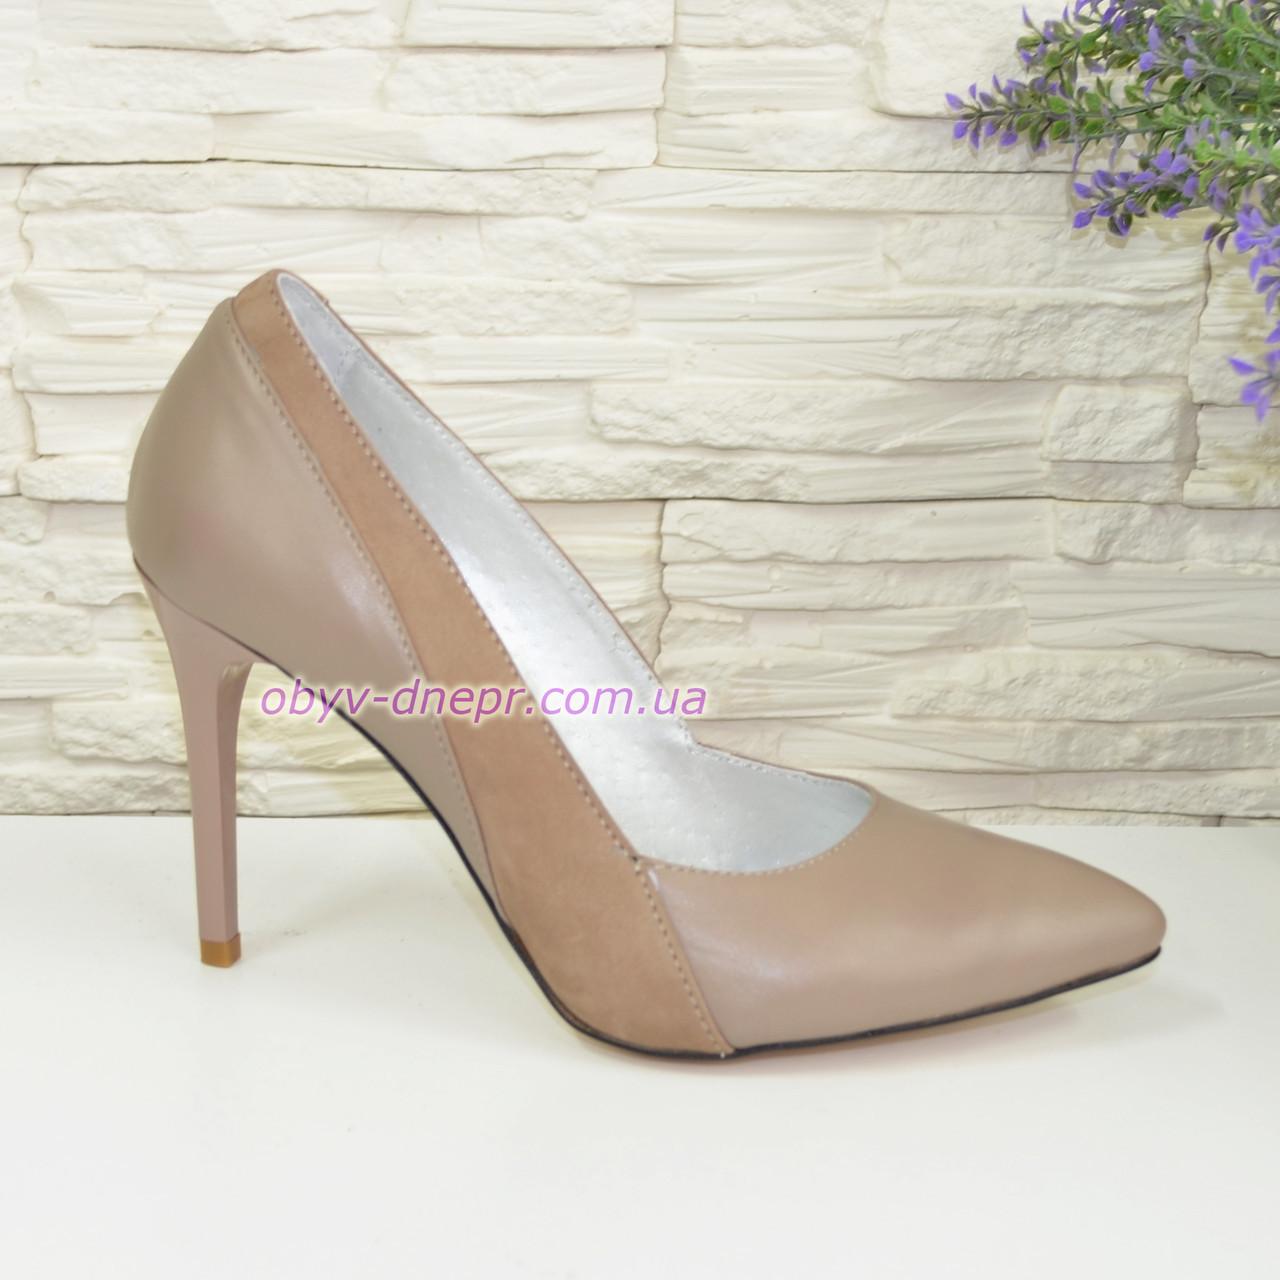 Классические женские туфли на шпильке, цвет визон/беж, фото 1